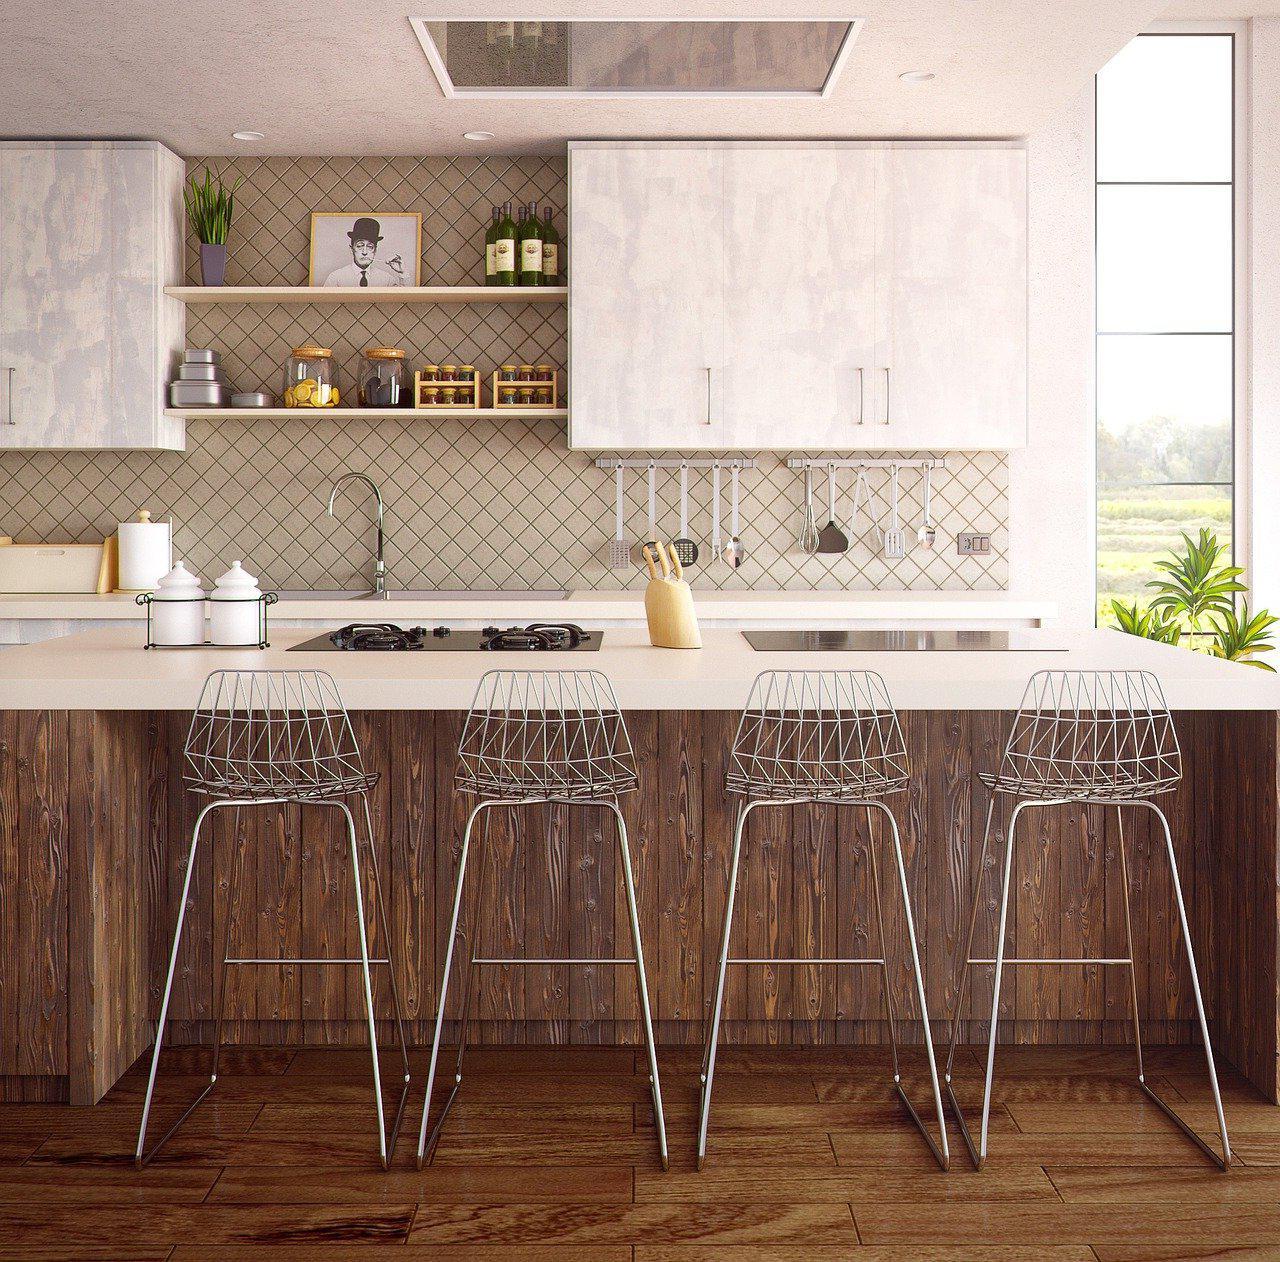 Rénovation de cuisine à Tergnier 02700 : Les tarifs